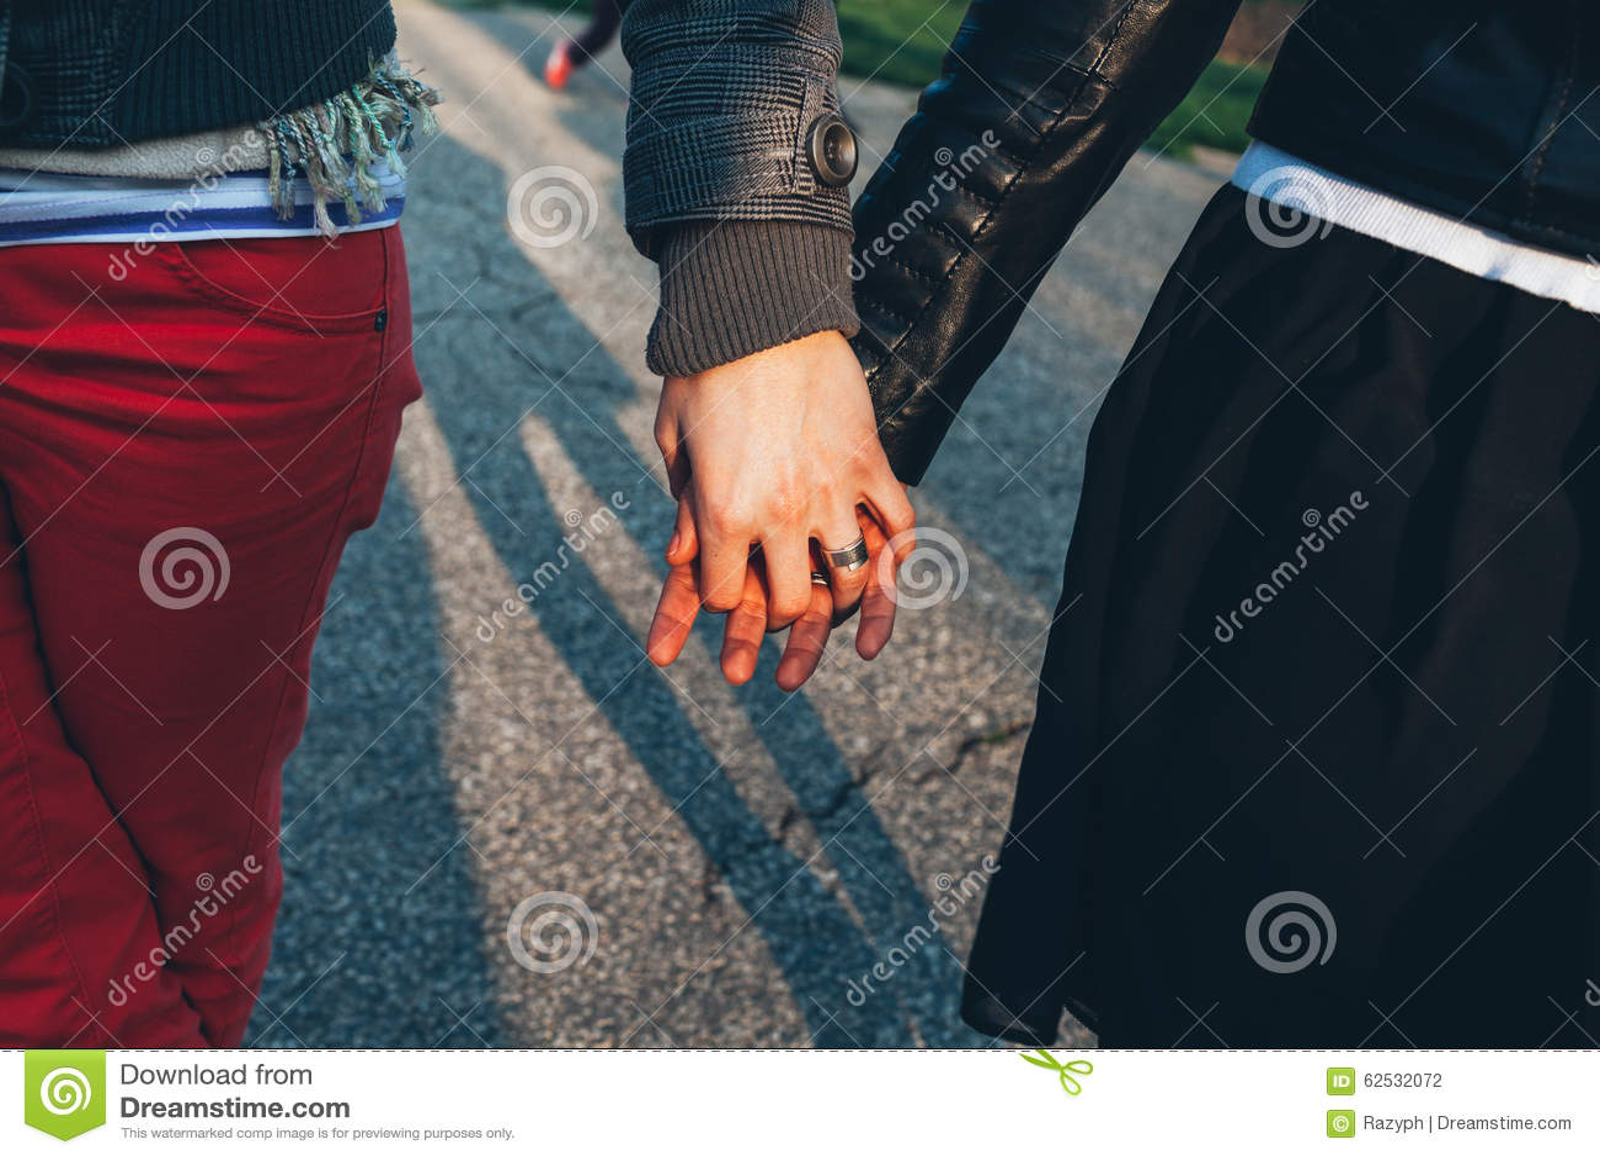 握朋友的手